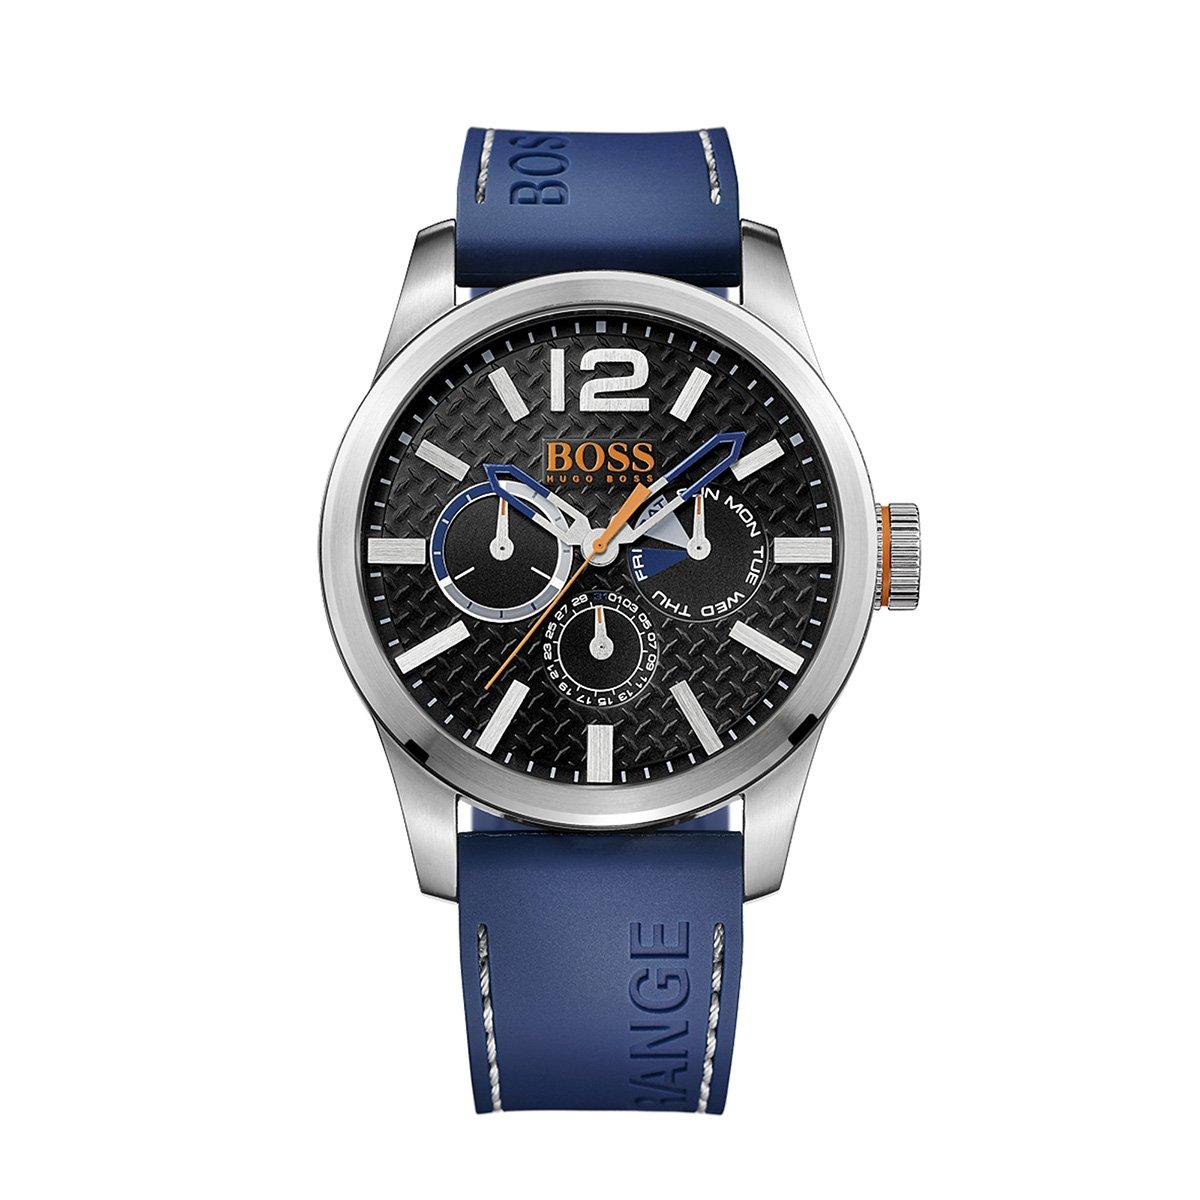 Reloj Hugo Boss 1513250 Cuero Azul Hombre 379 900 En